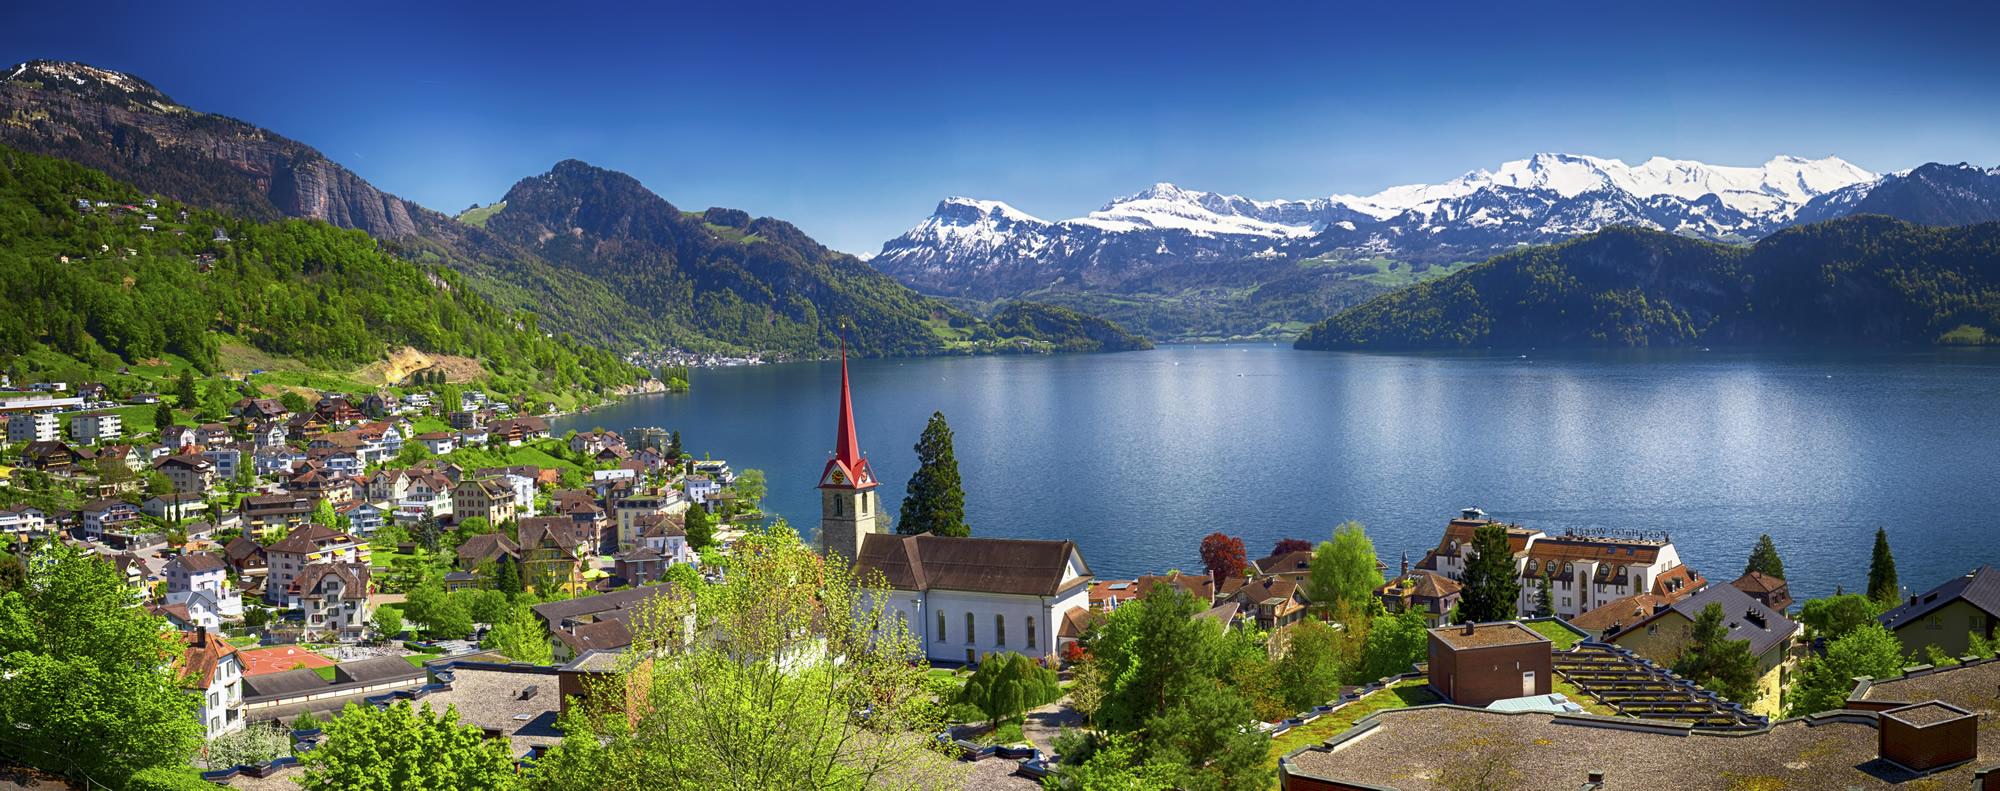 Weggis Lake Lucerne, Switzerland